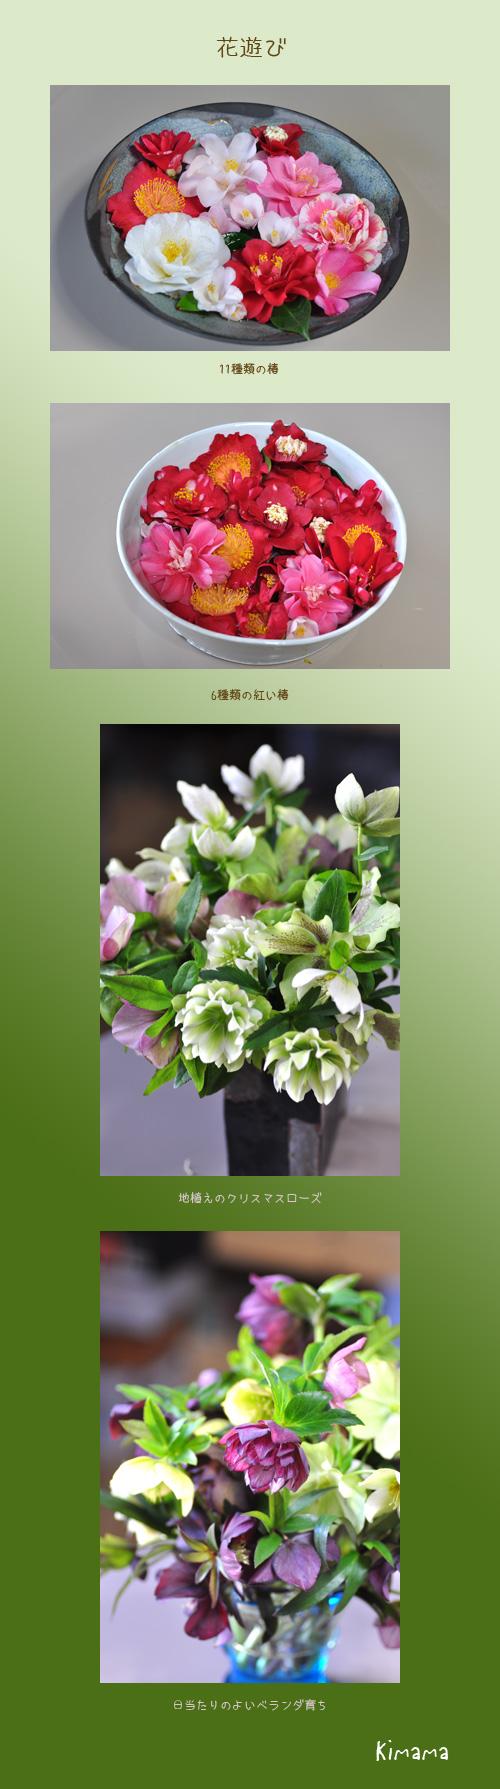 4月5日花遊び